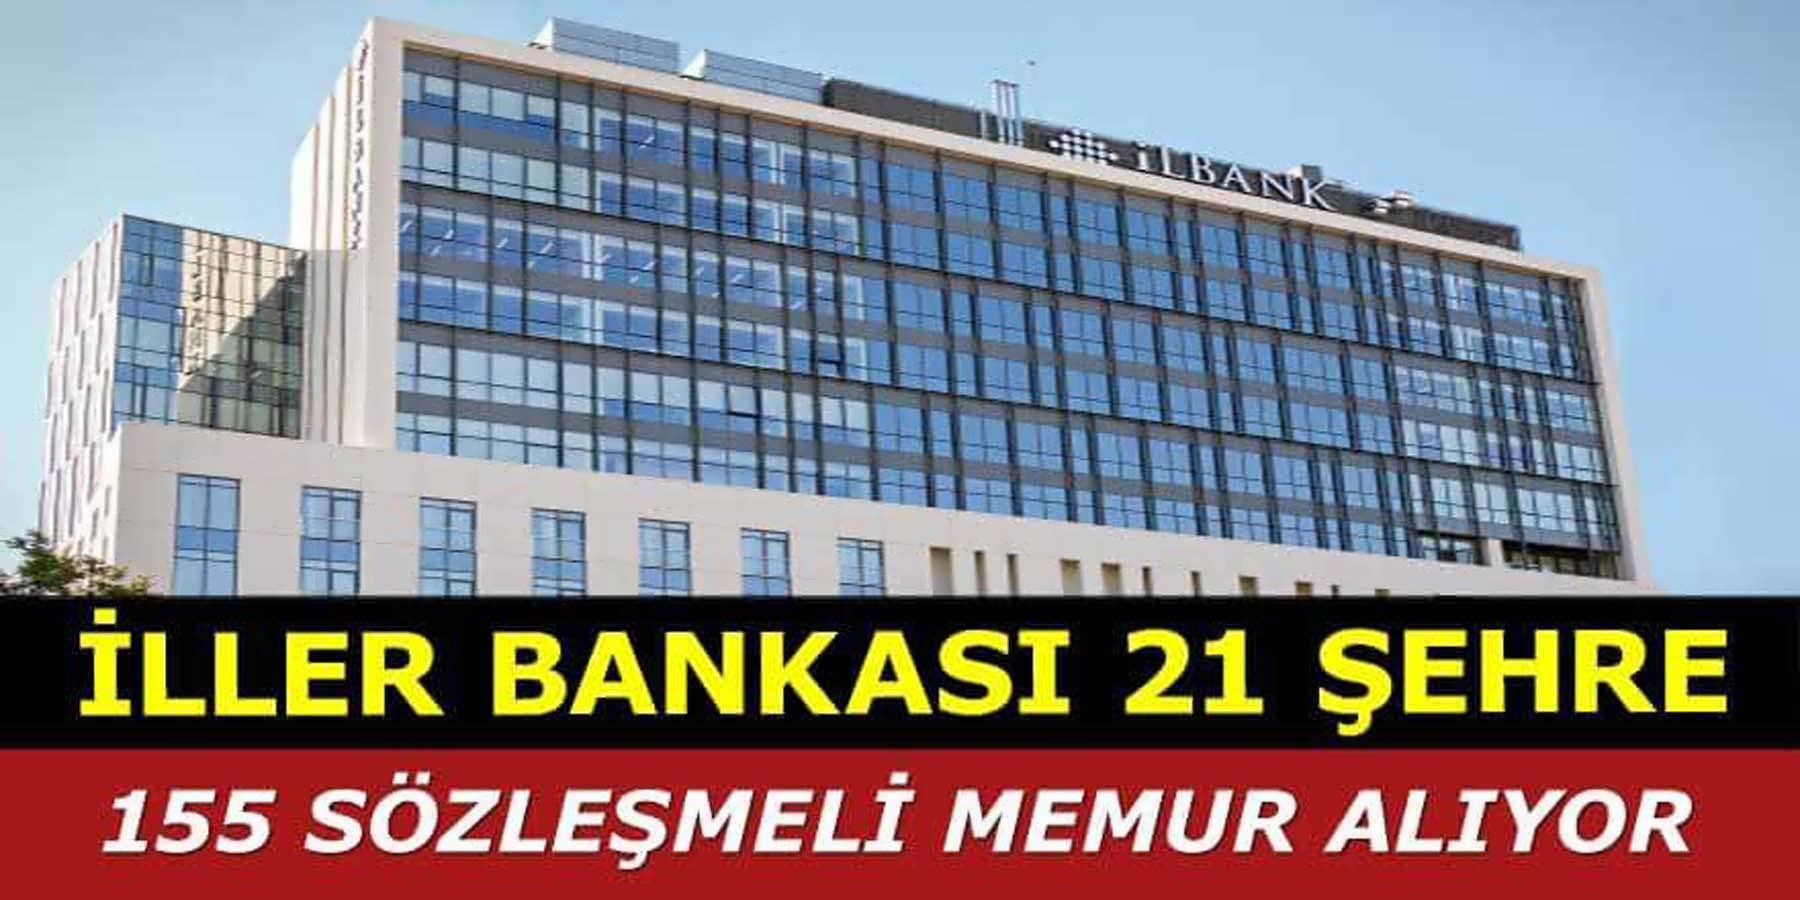 İller Bankası 155 Sözleşmeli Memur Alımı Yapıyor